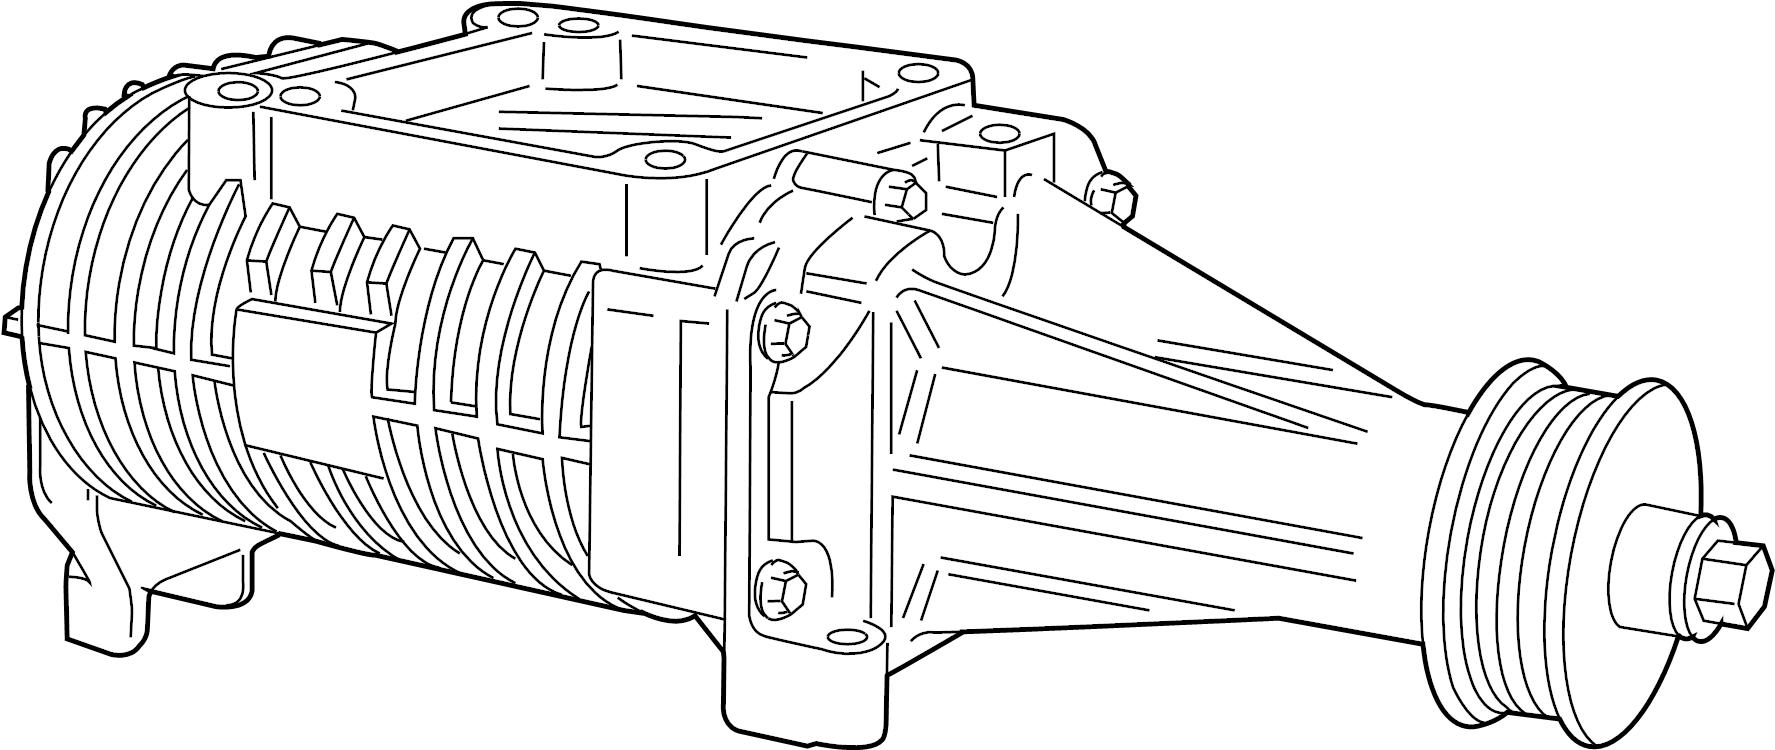 Jaguar XK8 Supercharger. Supercharger. WSUPERCHARGER